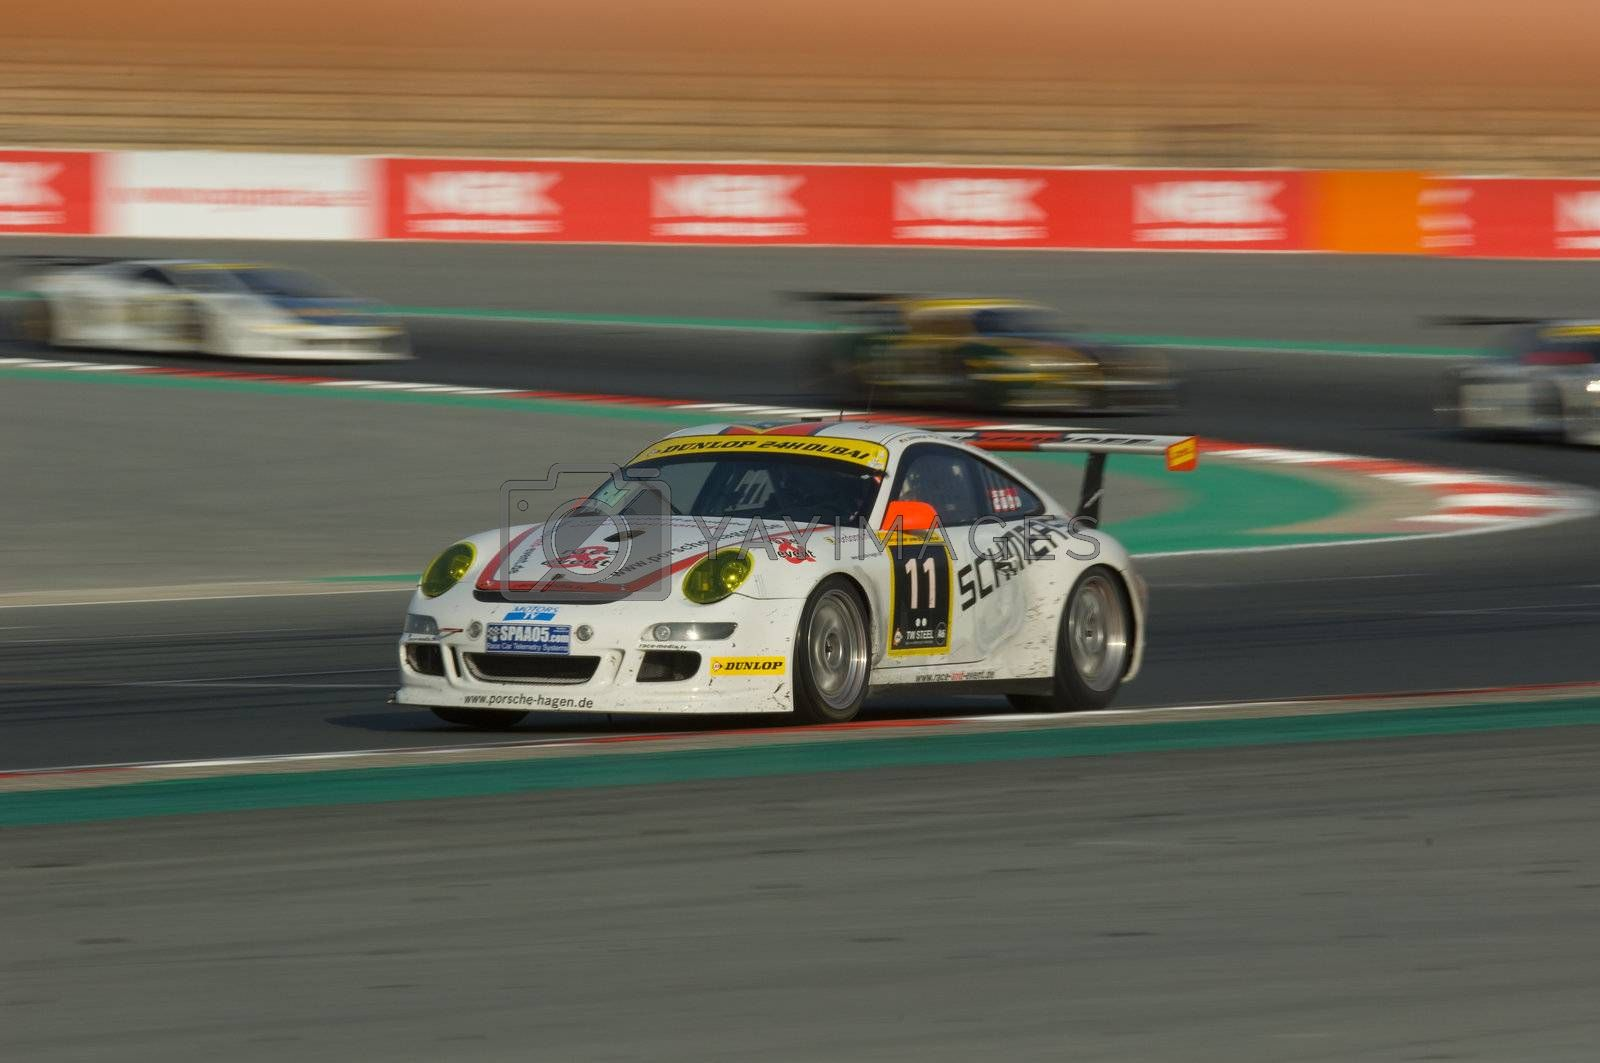 DUBAI - JANUARY 13: Car 11, a Porsche 997 GT3 Cup S, participating in the 2012 Dunlop 24 Hour Race at Dubai Autodrome on January 13, 2012.